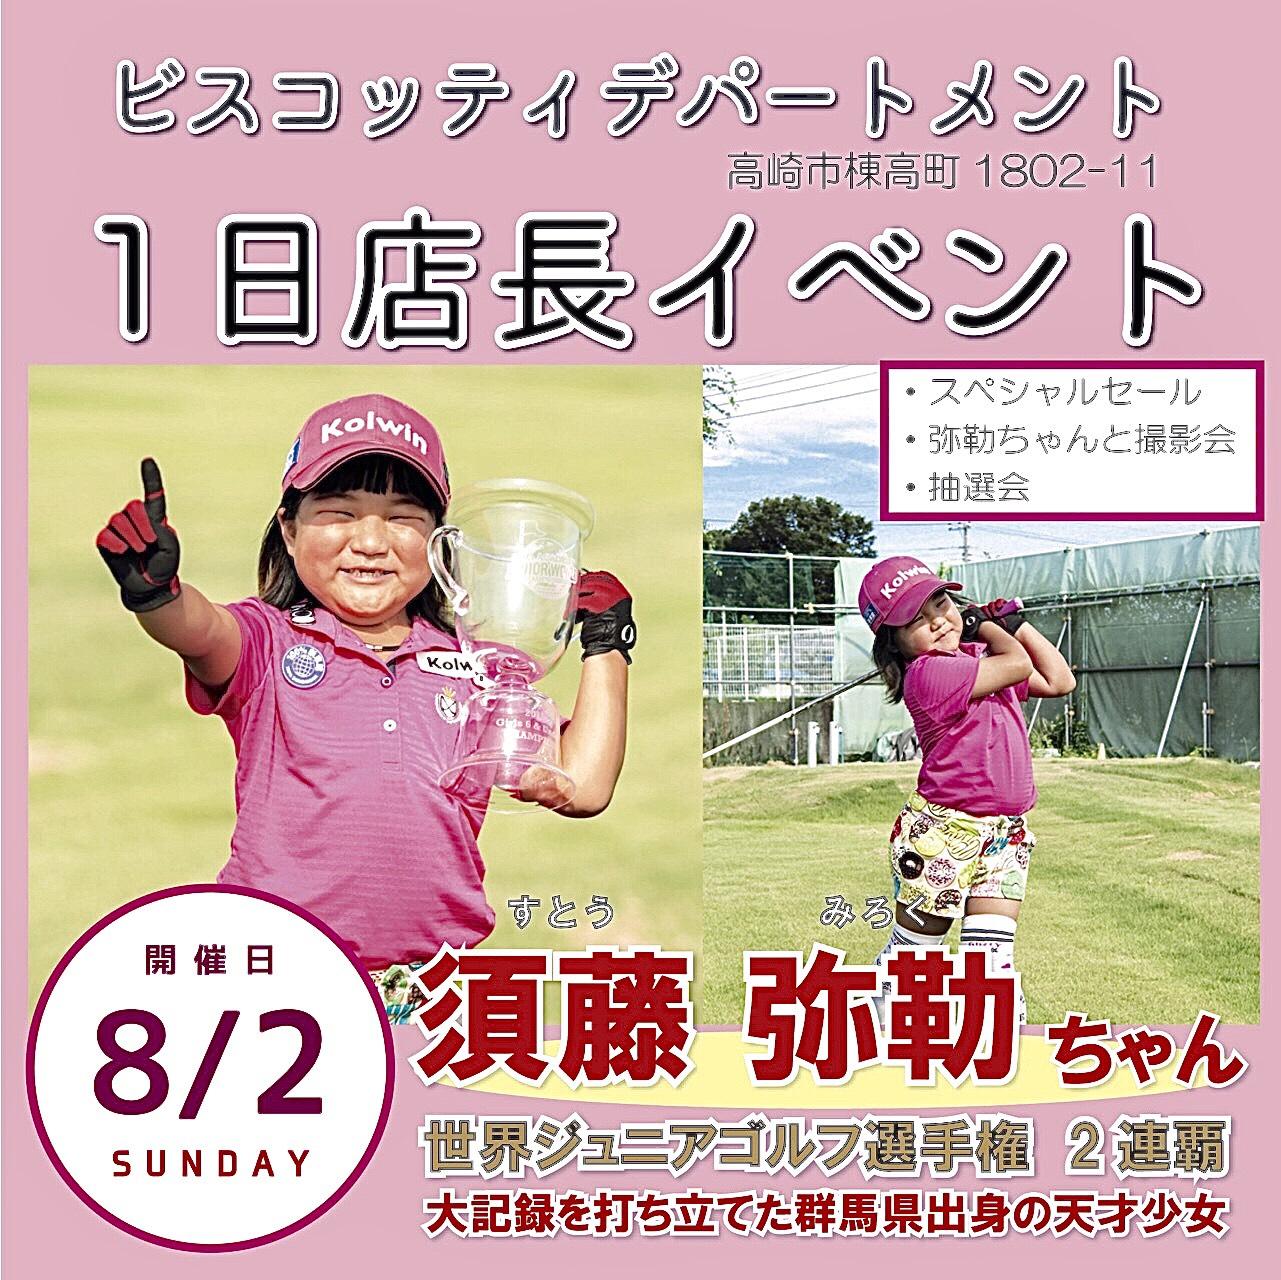 インスタ 須藤 弥勒 須藤弥勒(すとうみろく)最年少ゴルファーがかわいい!英才教育を受けた天才キッズの父親や母親の職業は?年齢や経歴wikiプロフィールやインスタ写真は?